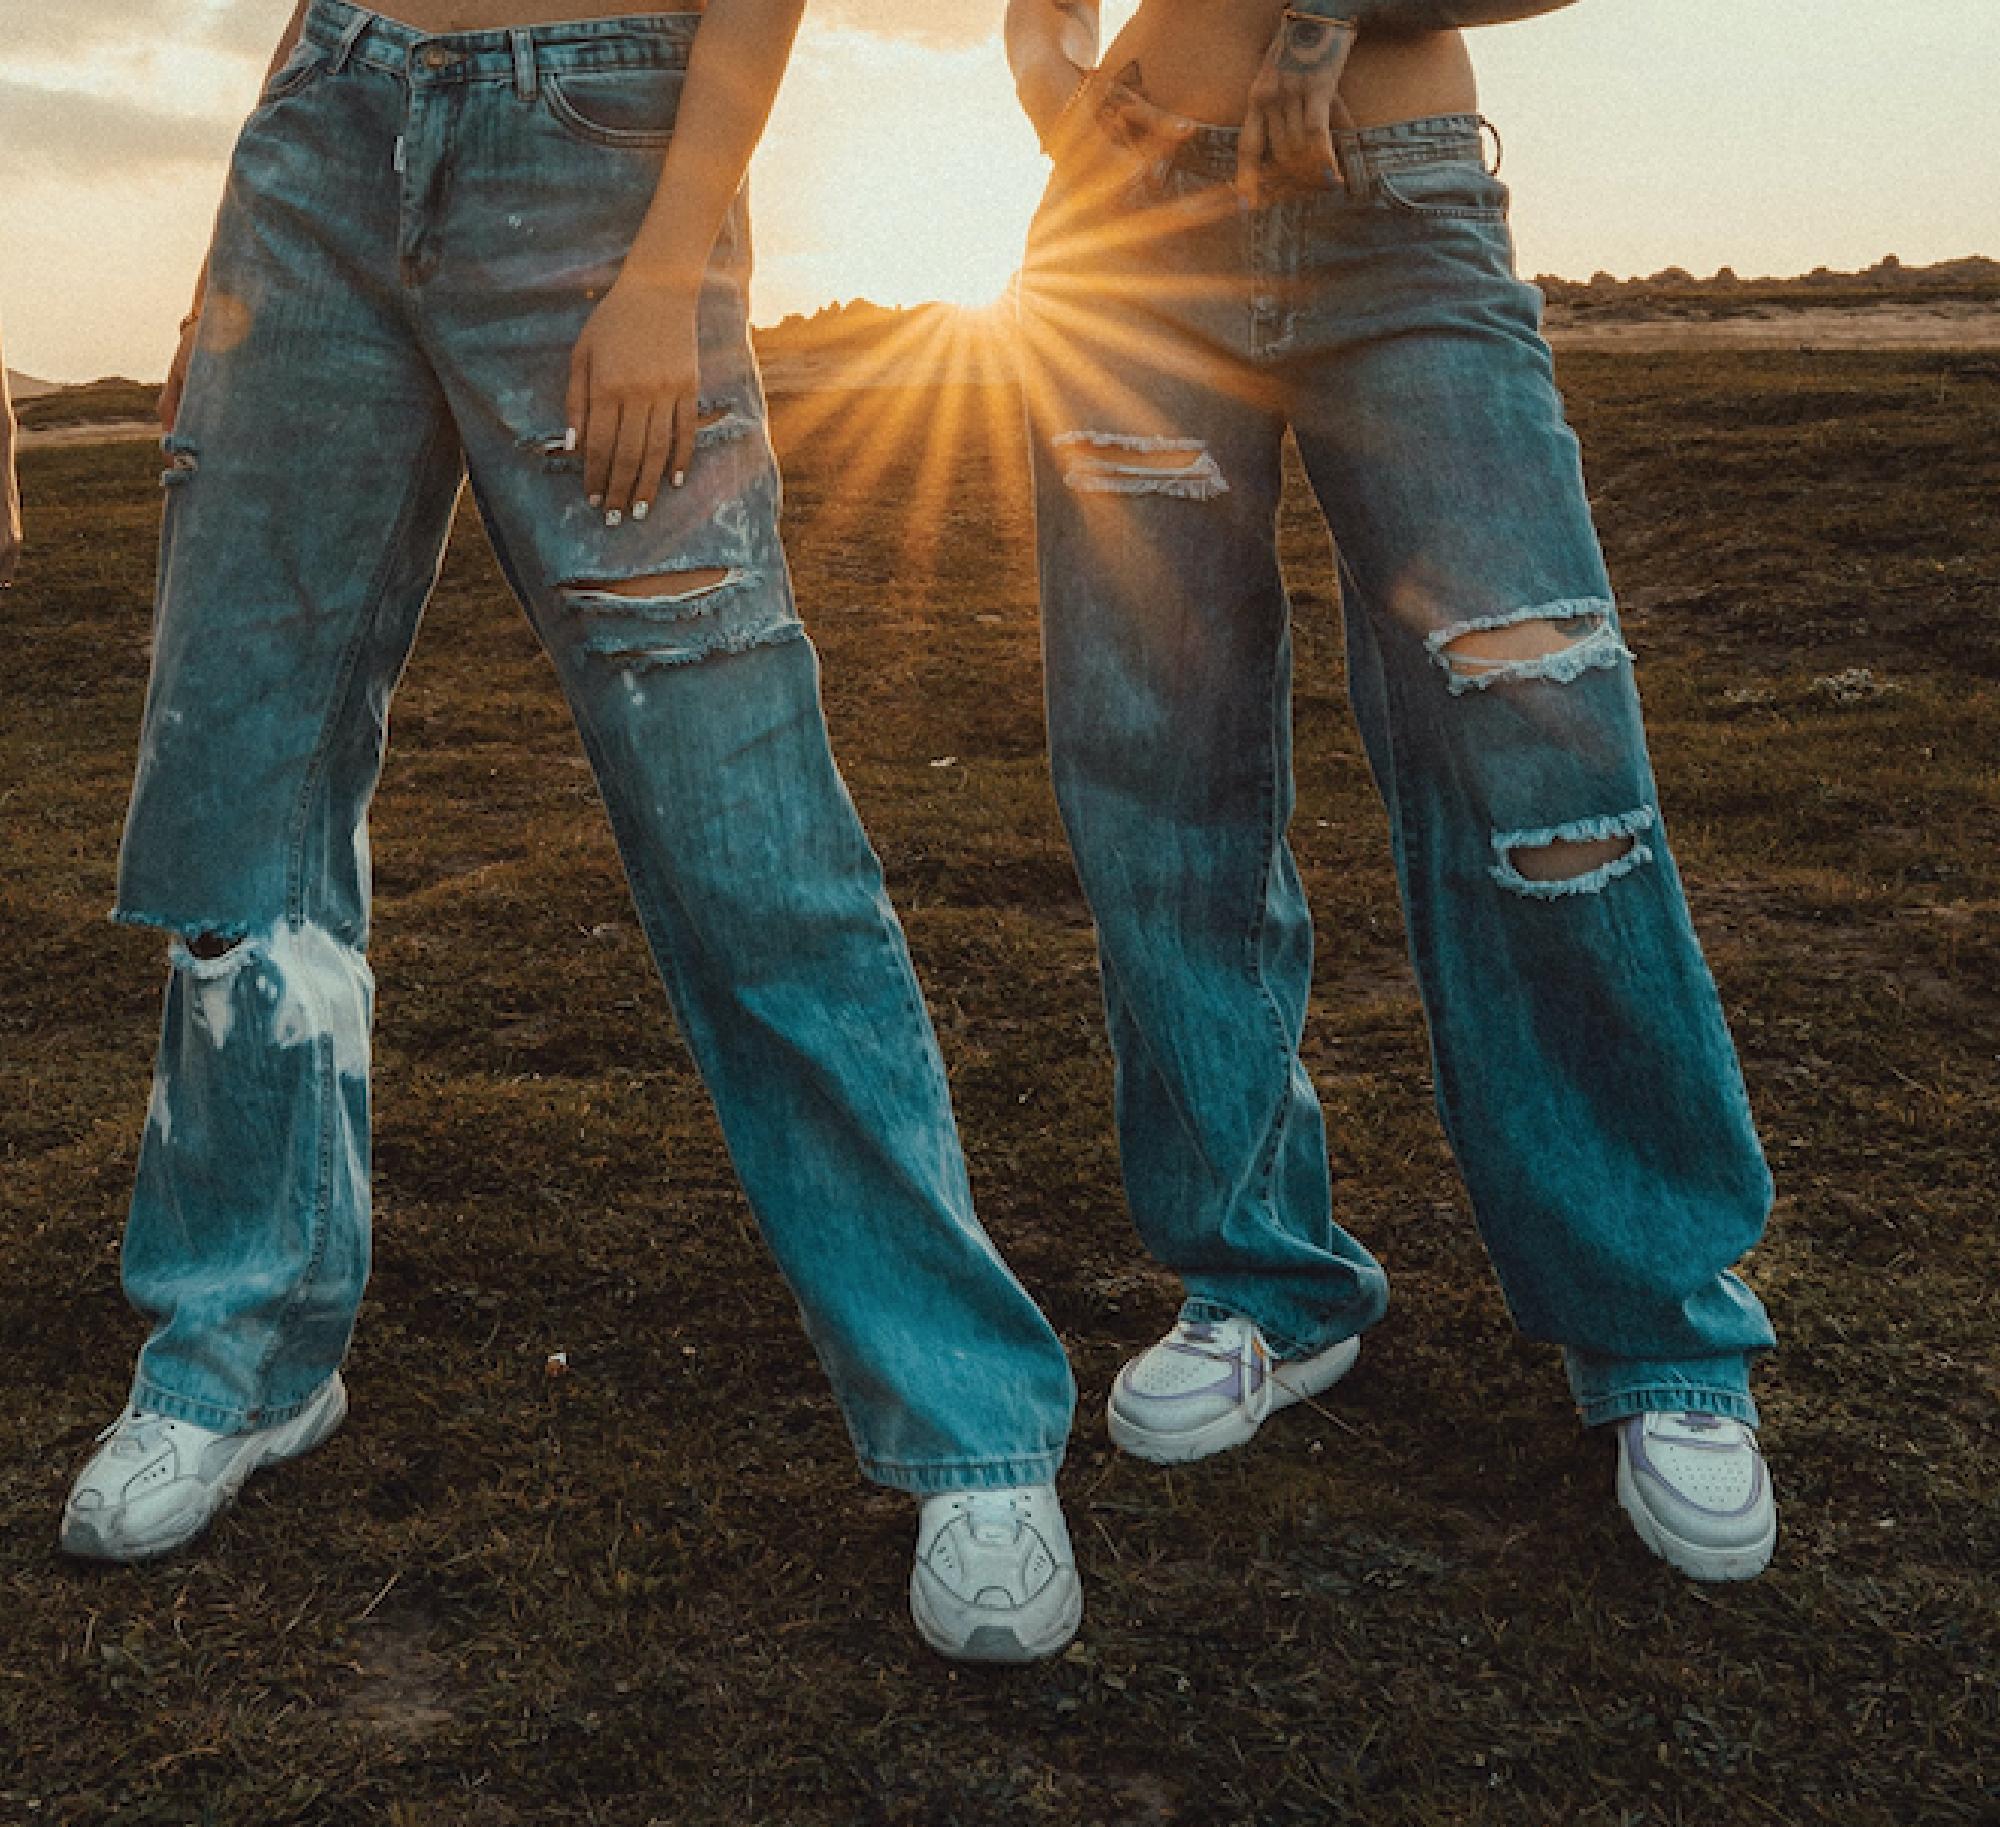 People wearing jeans